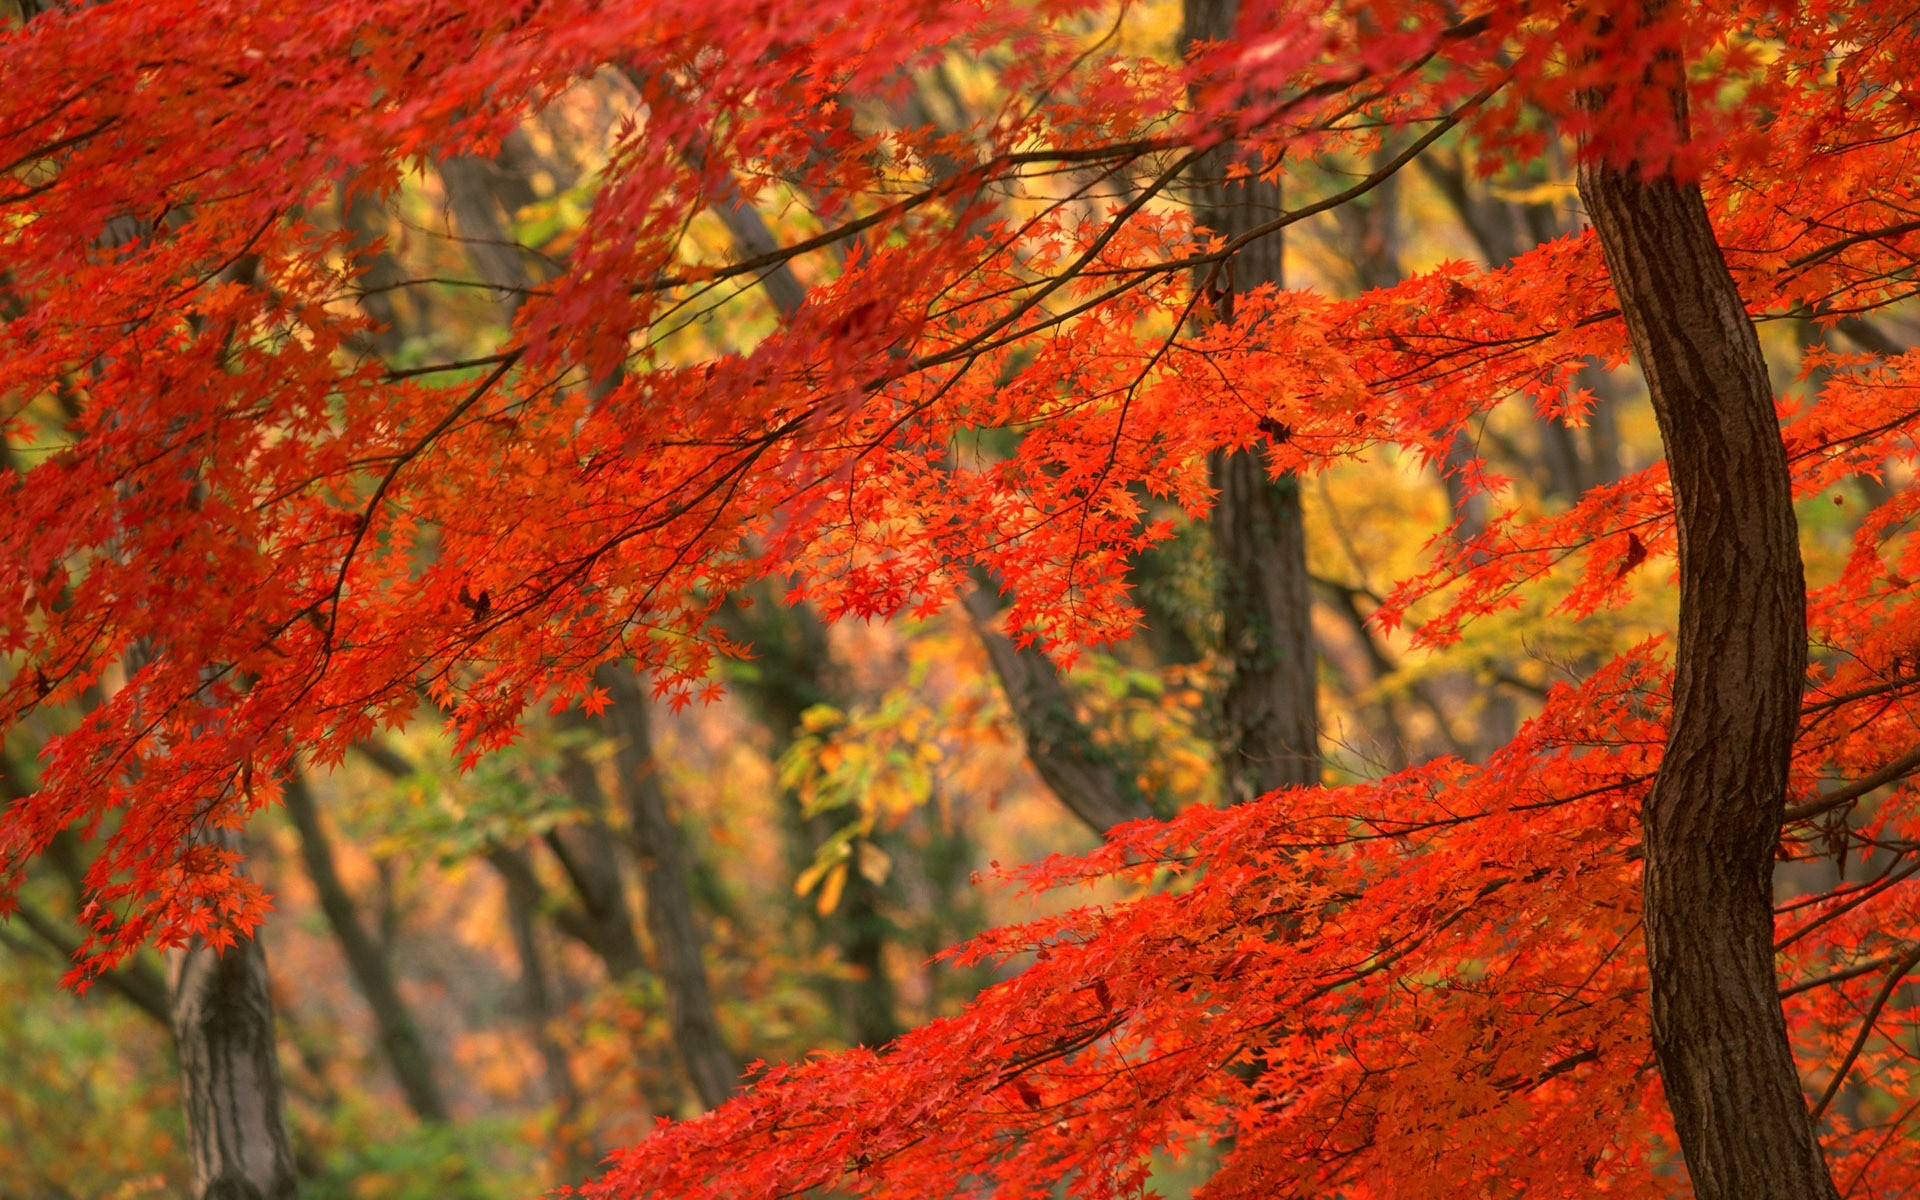 Autumn Leaves Desktop Wallpaper 57 images